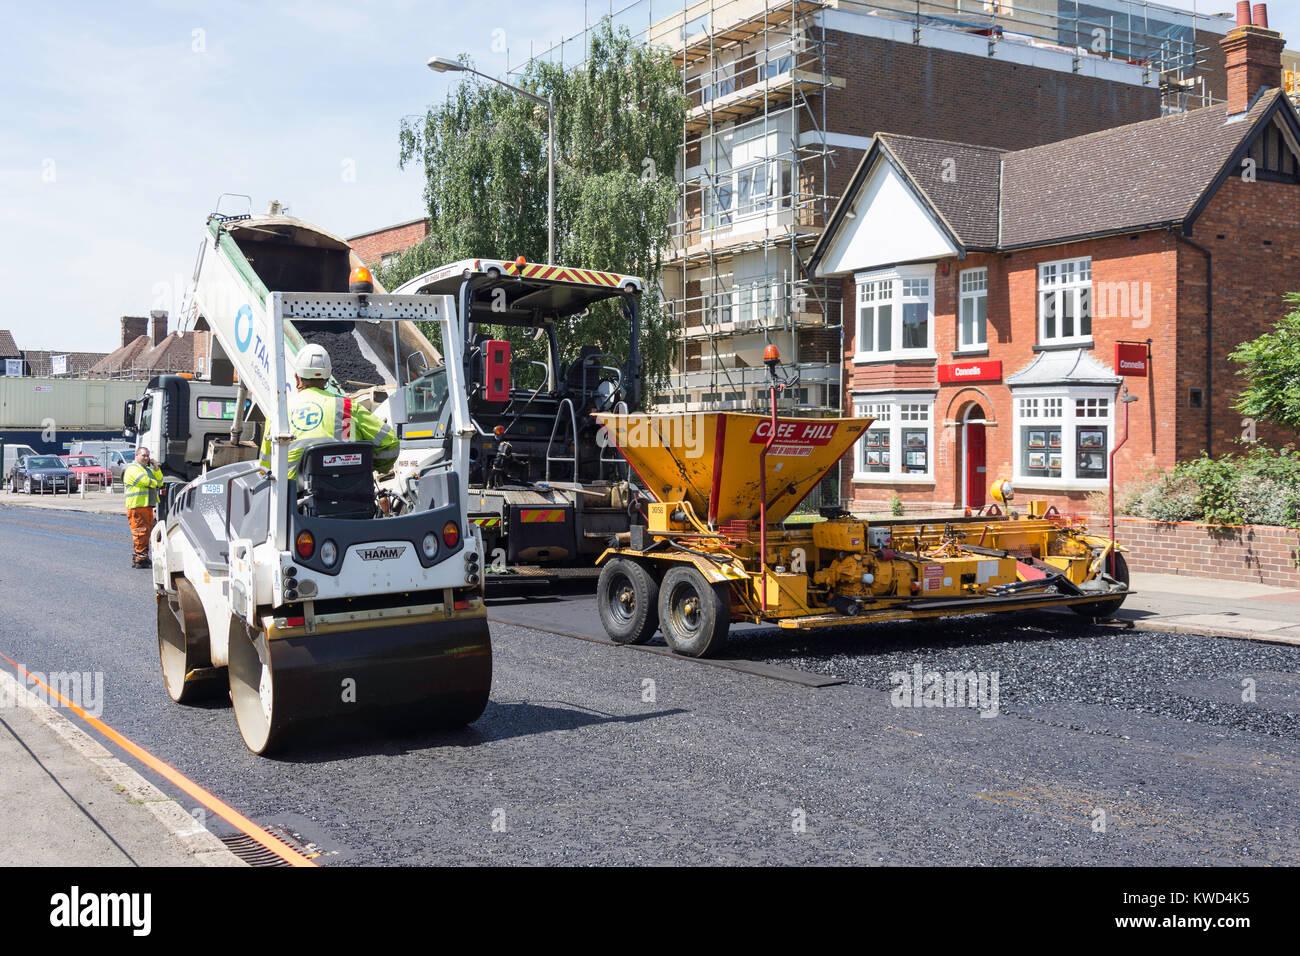 Rifacimento della pavimentazione stradale macchinari al lavoro, Queensway, Bletchley, Milton Keynes, Buckinghamshire, Immagini Stock